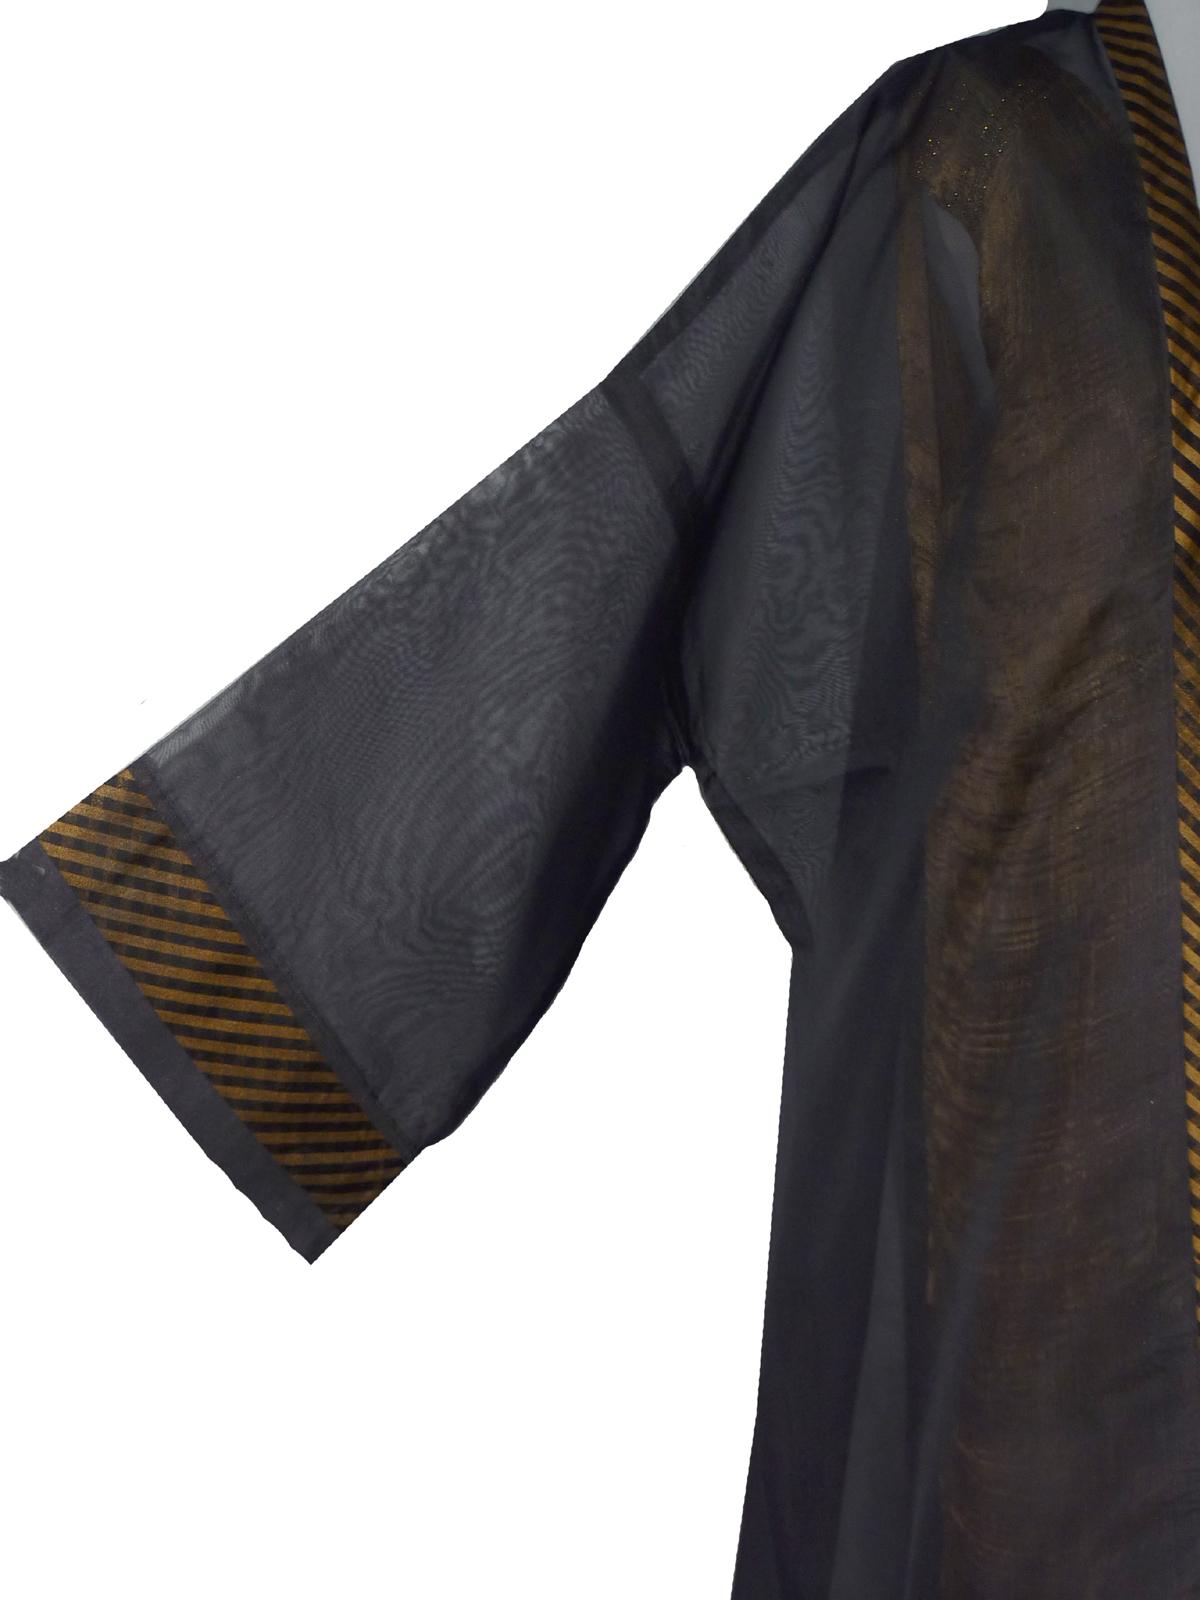 Grand Black Organza Kimono-4970